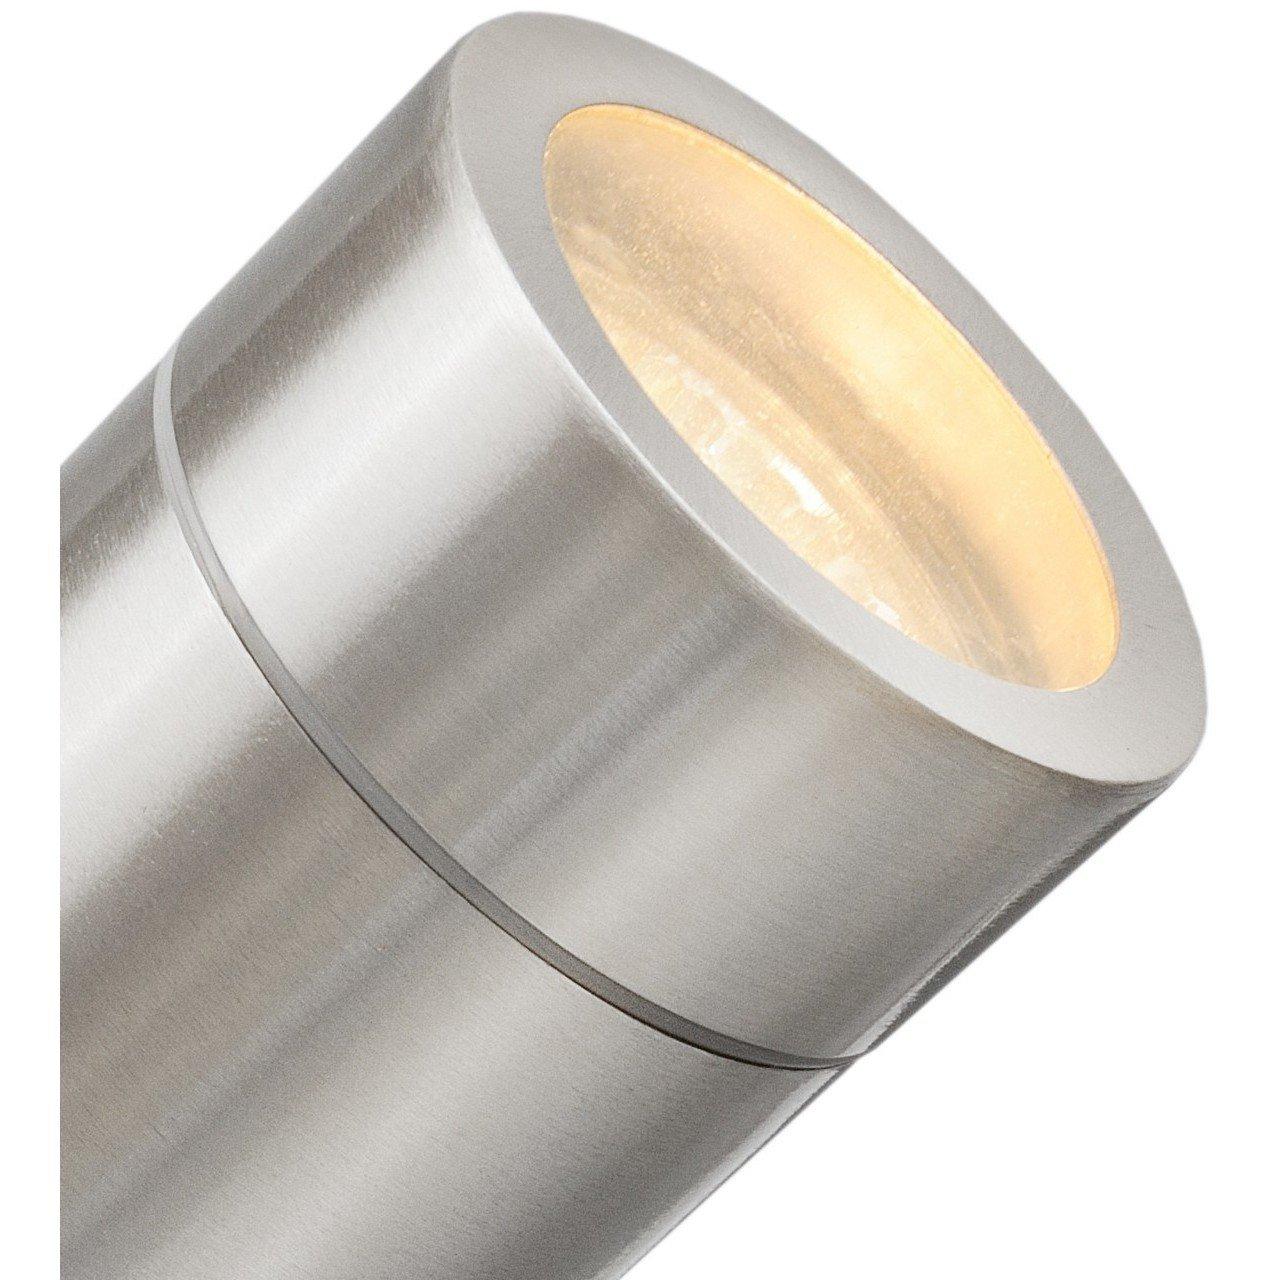 MW-Light 807020701 Lampada da Parete Esterno Lampadine Risparmio Energetico GU10 1 x 35W